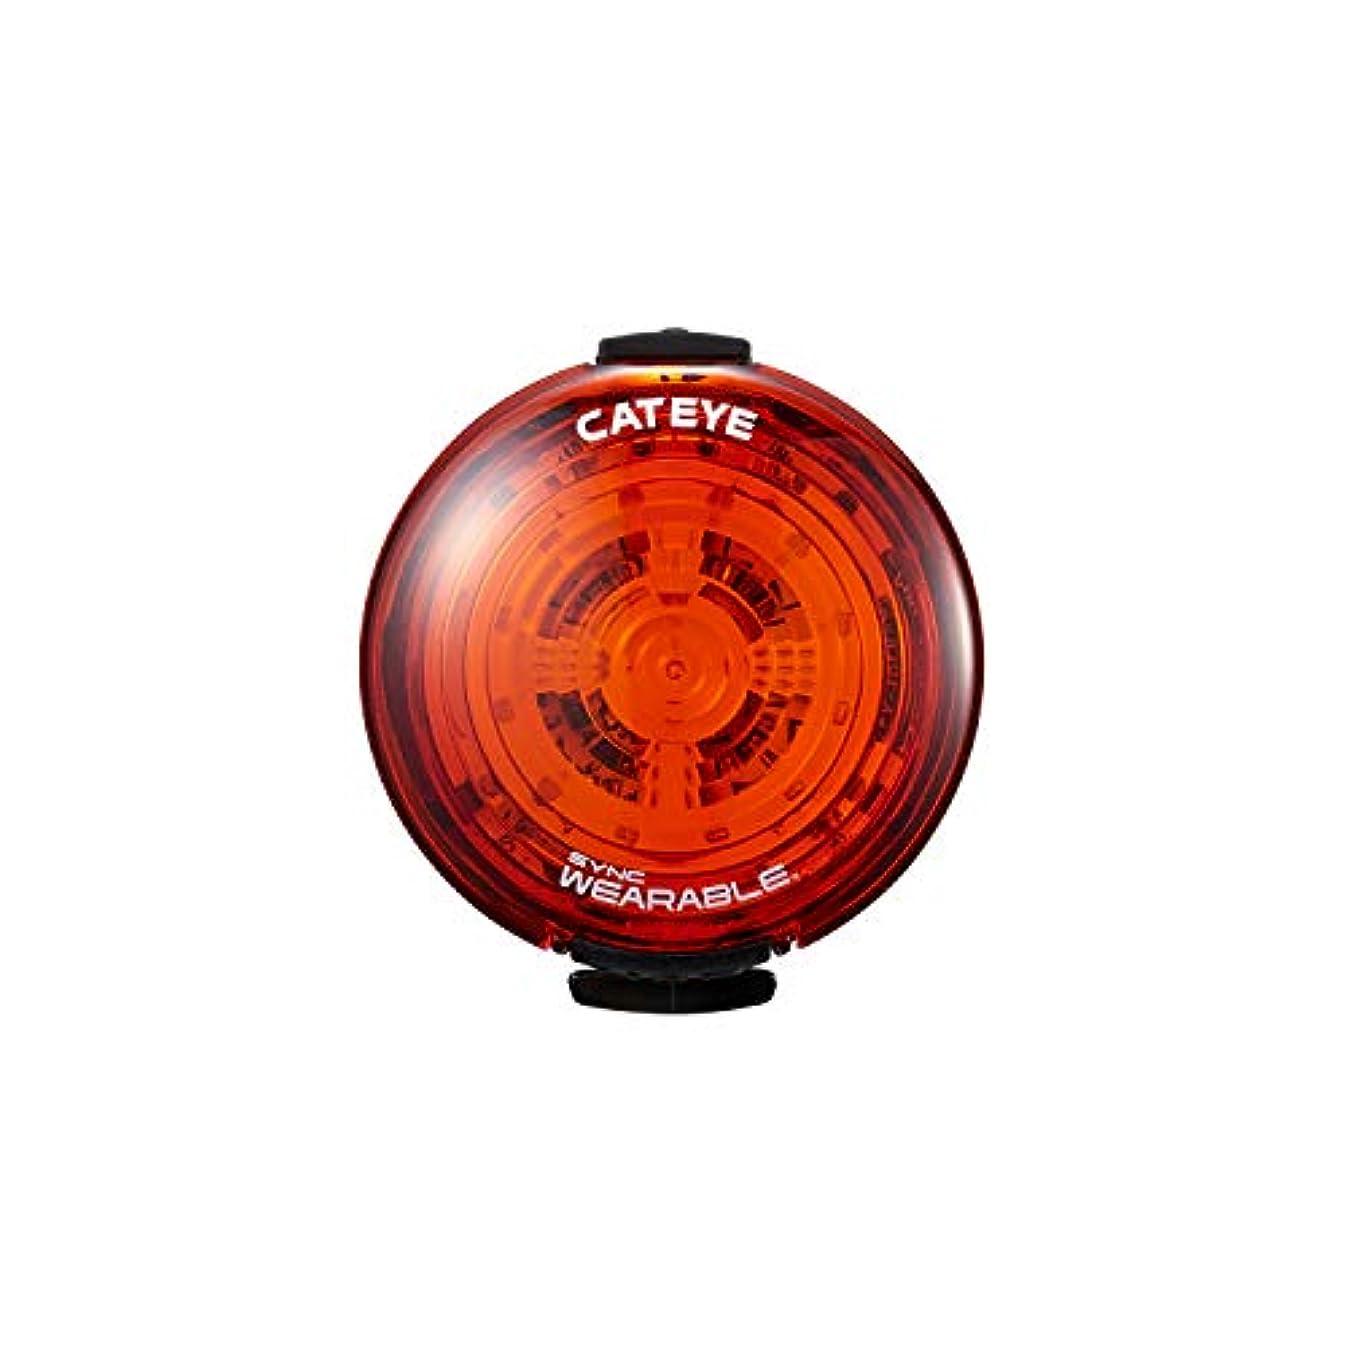 感謝壁ホットキャットアイ(CAT EYE) セーフティライト SYNC WEARABLE ライト同士がつながり連動する CatEye SYNC対応モデル 自転車以外にも取付可能なウェアラブルセーフィティライト USB充電式 SL-NW100